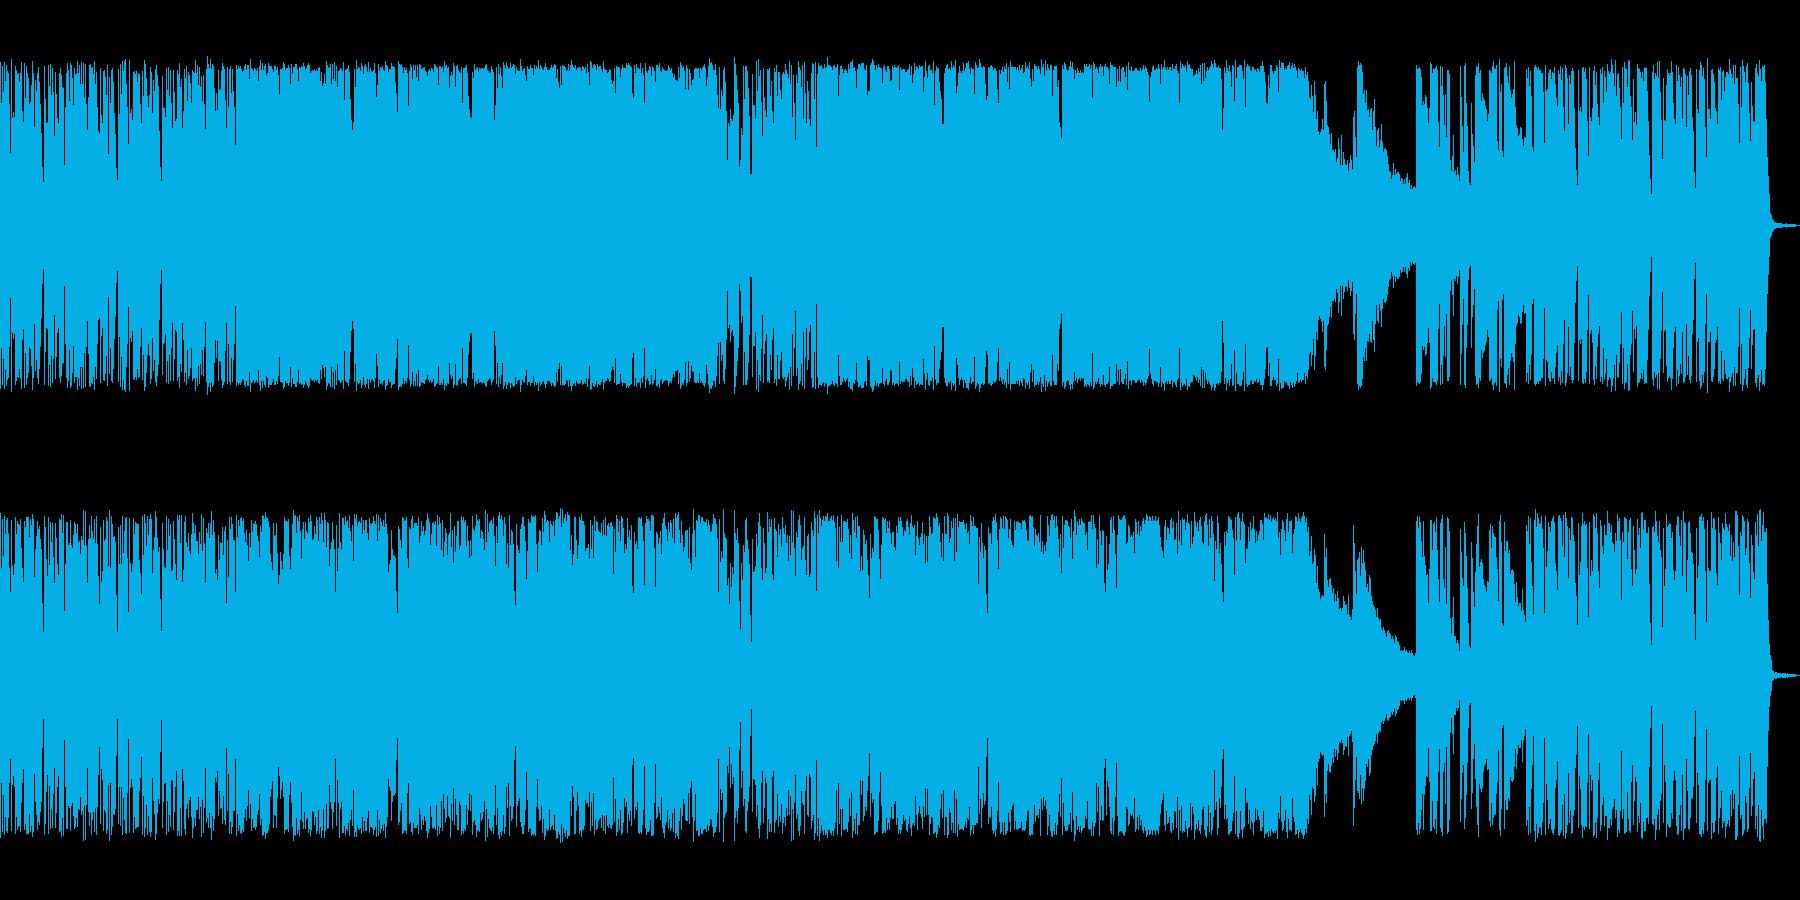 シンセサイザーを使ったテクノ系の曲の再生済みの波形